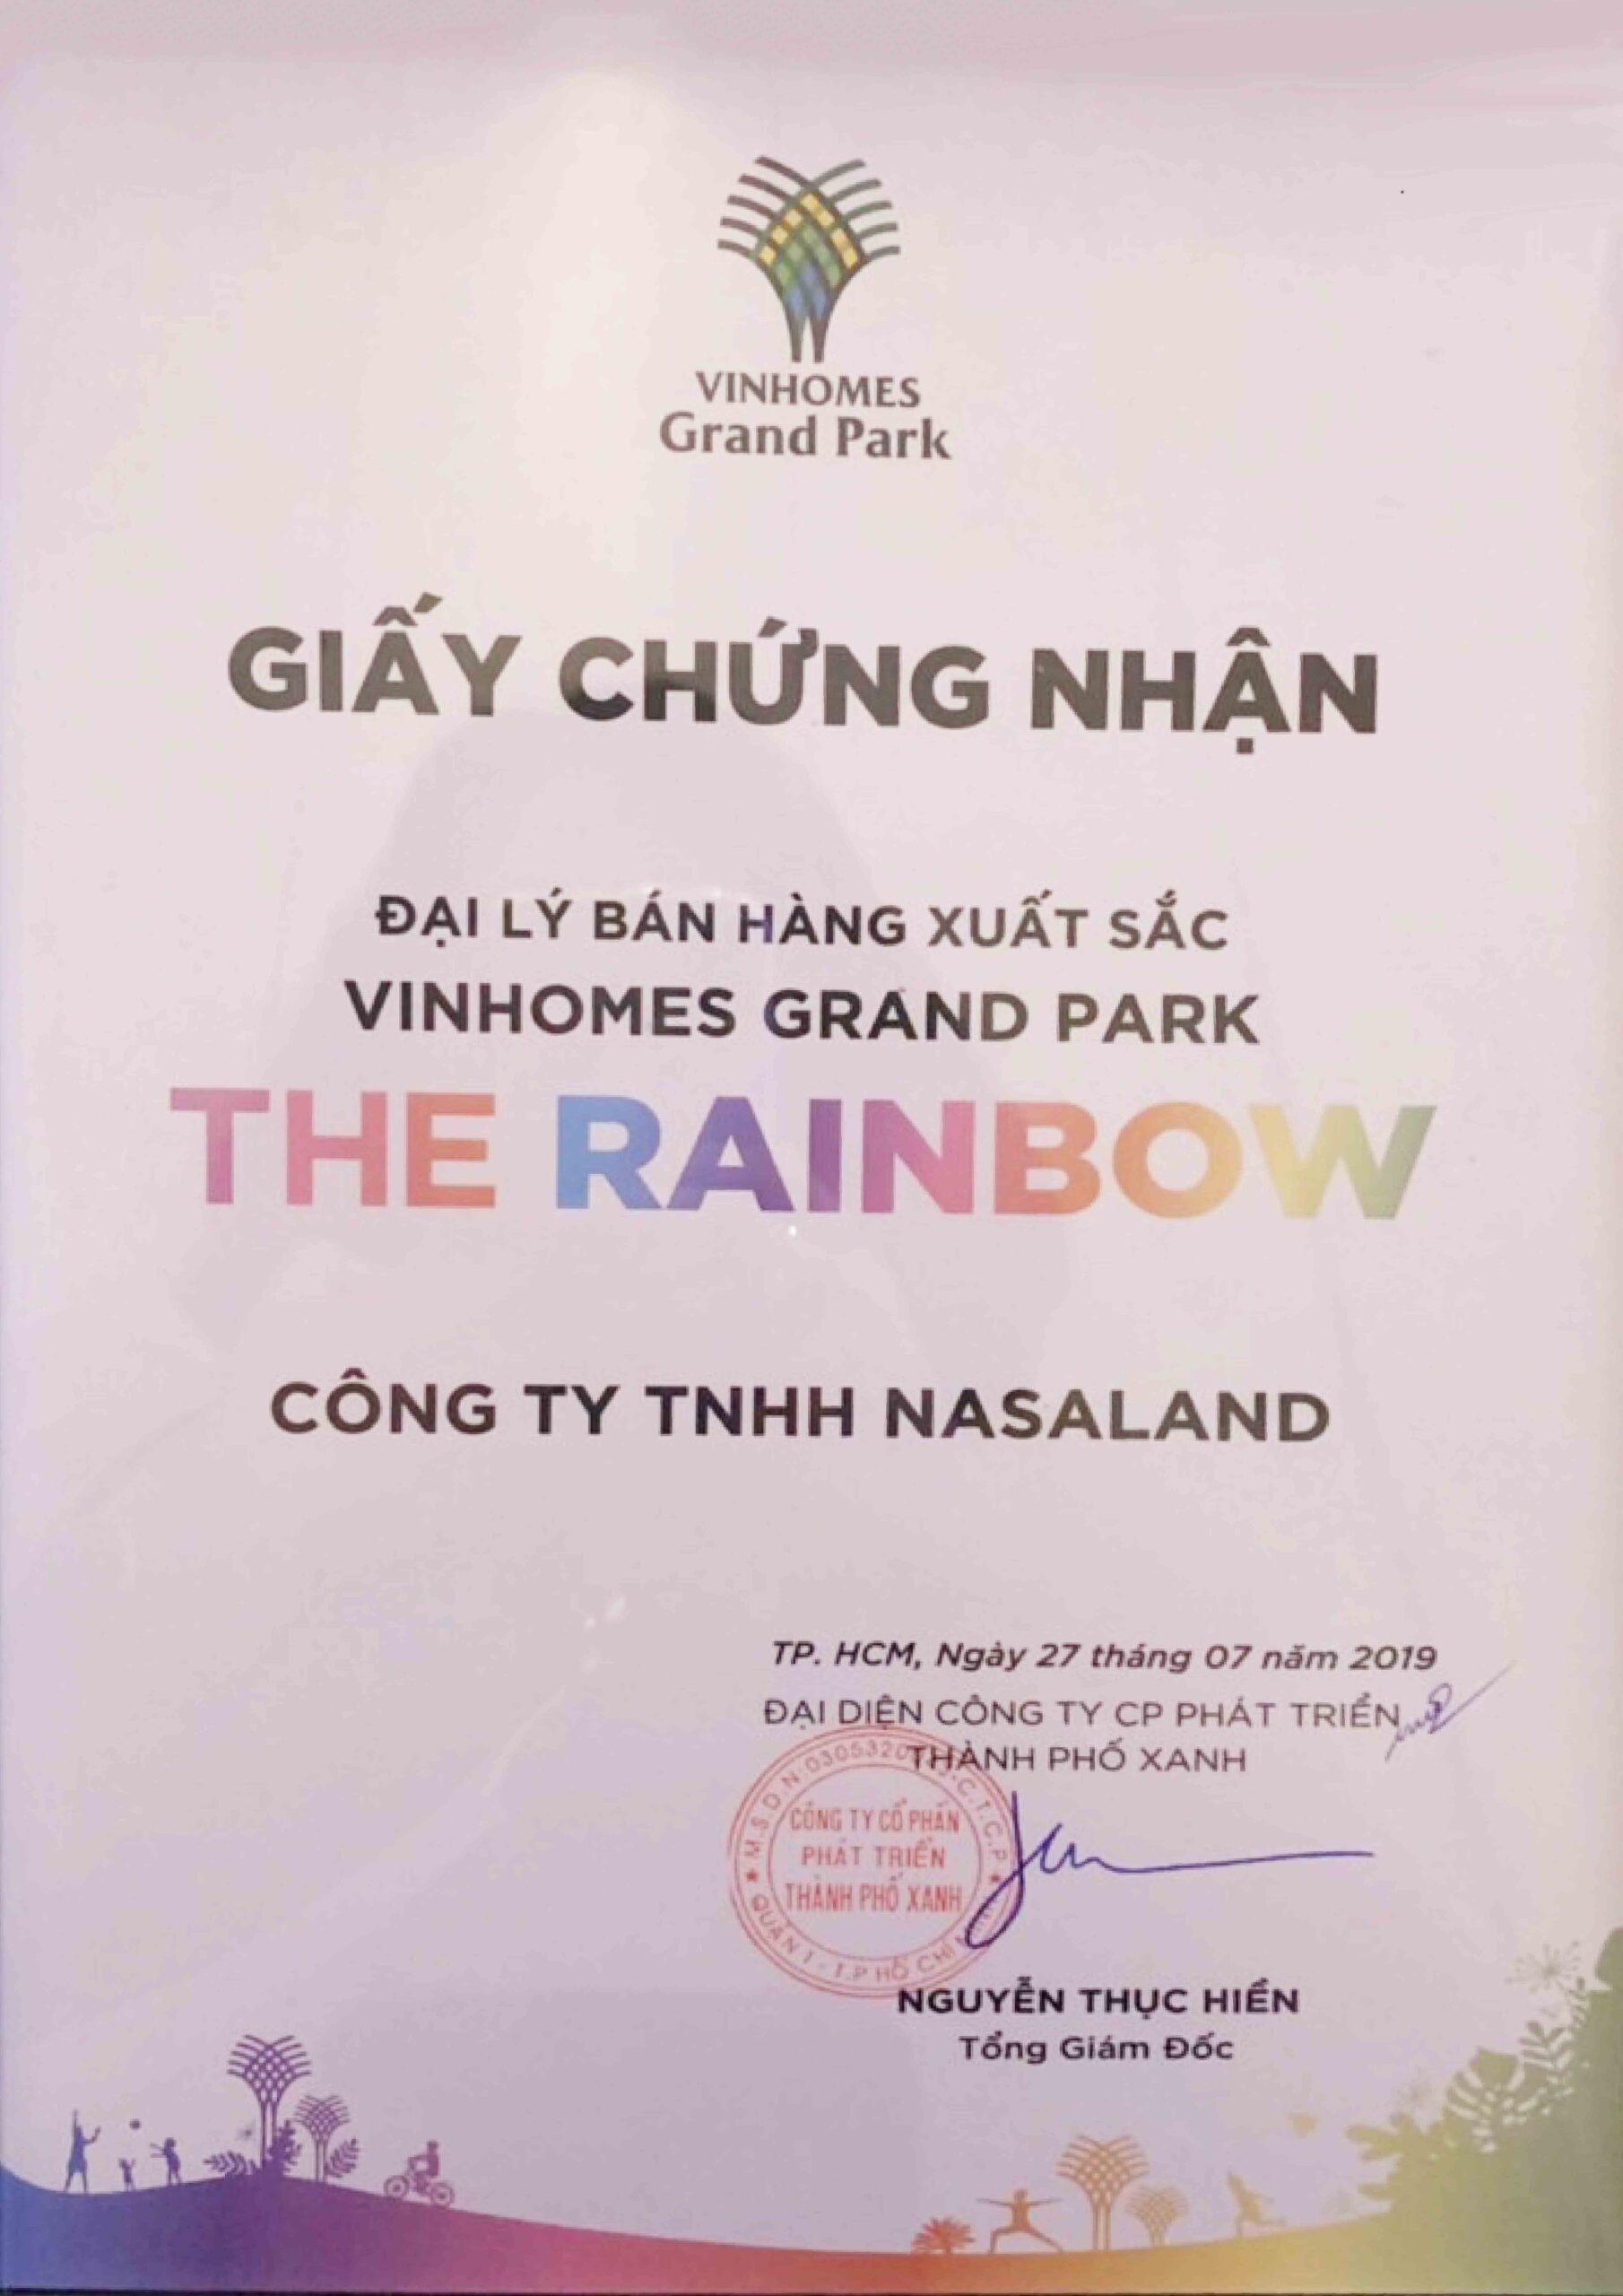 Chứng nhận Đại lý bán hàng xuất sắc The Rainbow- Vinhomes Grand Park